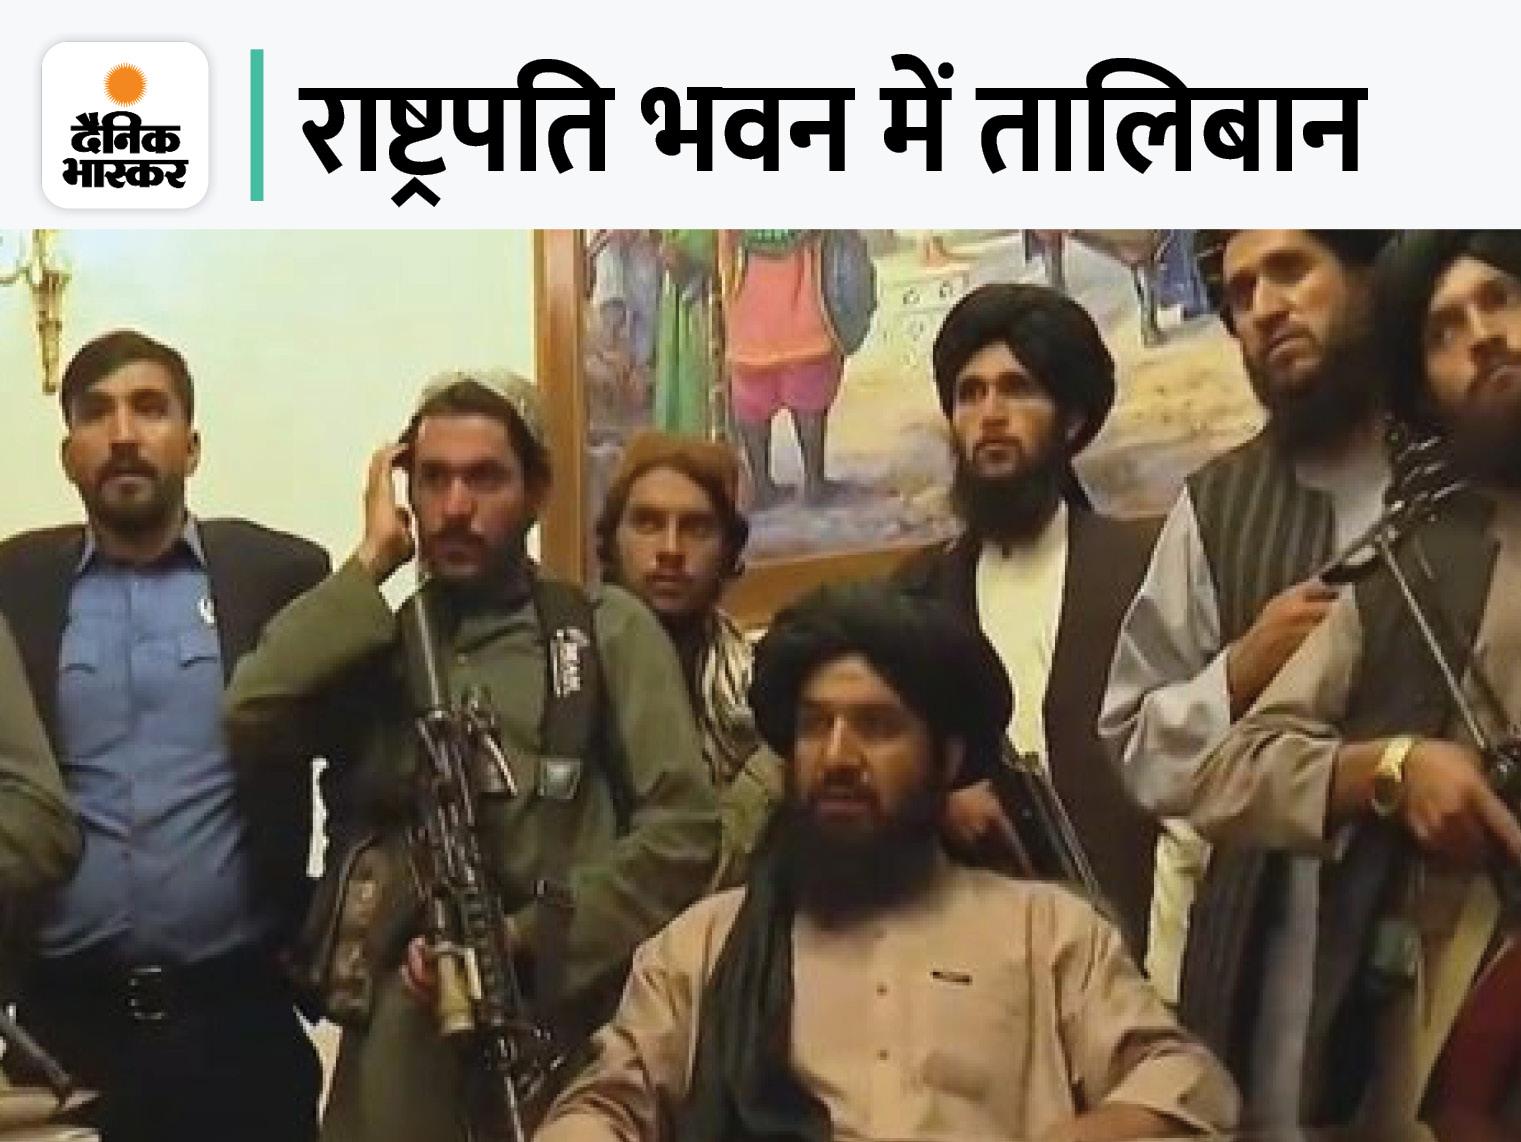 काबुल पर कब्जे के बाद मुल्ला बरादर का पहला बयान- उम्मीद नहीं थी कि इतनी जल्दी और इतनी आसान जीत मिलेगी विदेश,International - Dainik Bhaskar